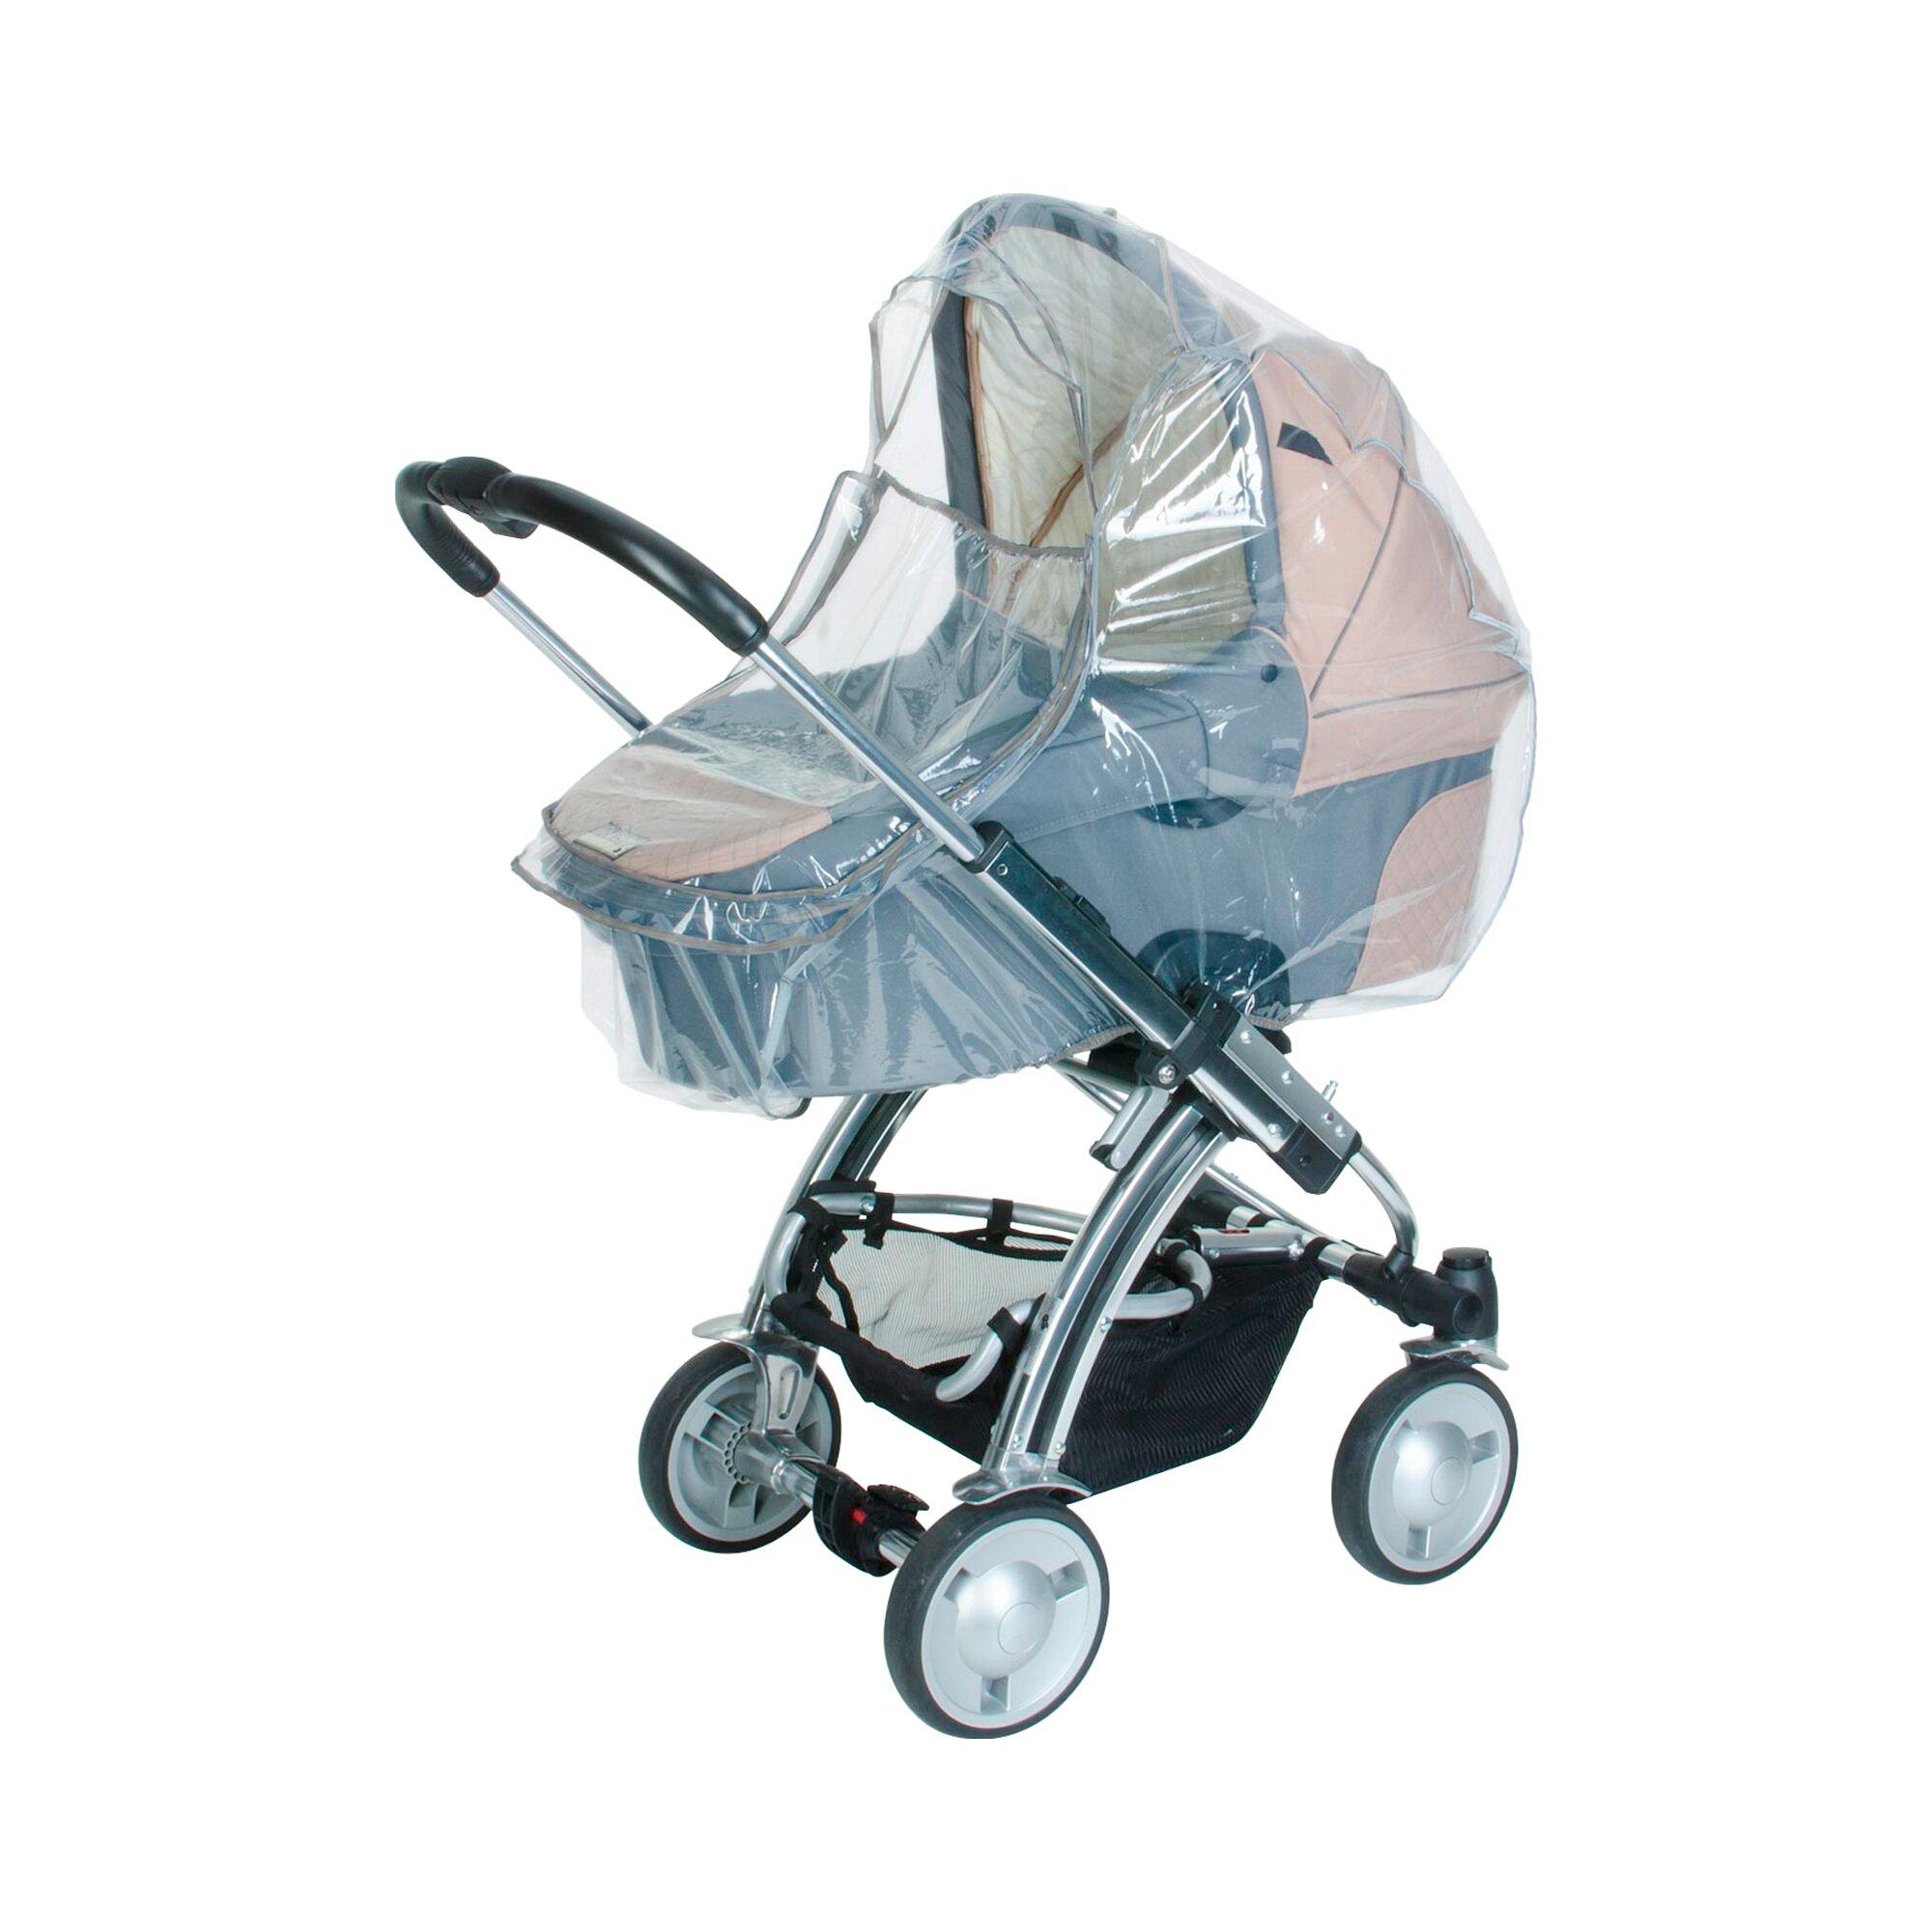 Diago Regenschutz mit Reißverschluss und Reflektor für Kinderwagen und Buggy transparent